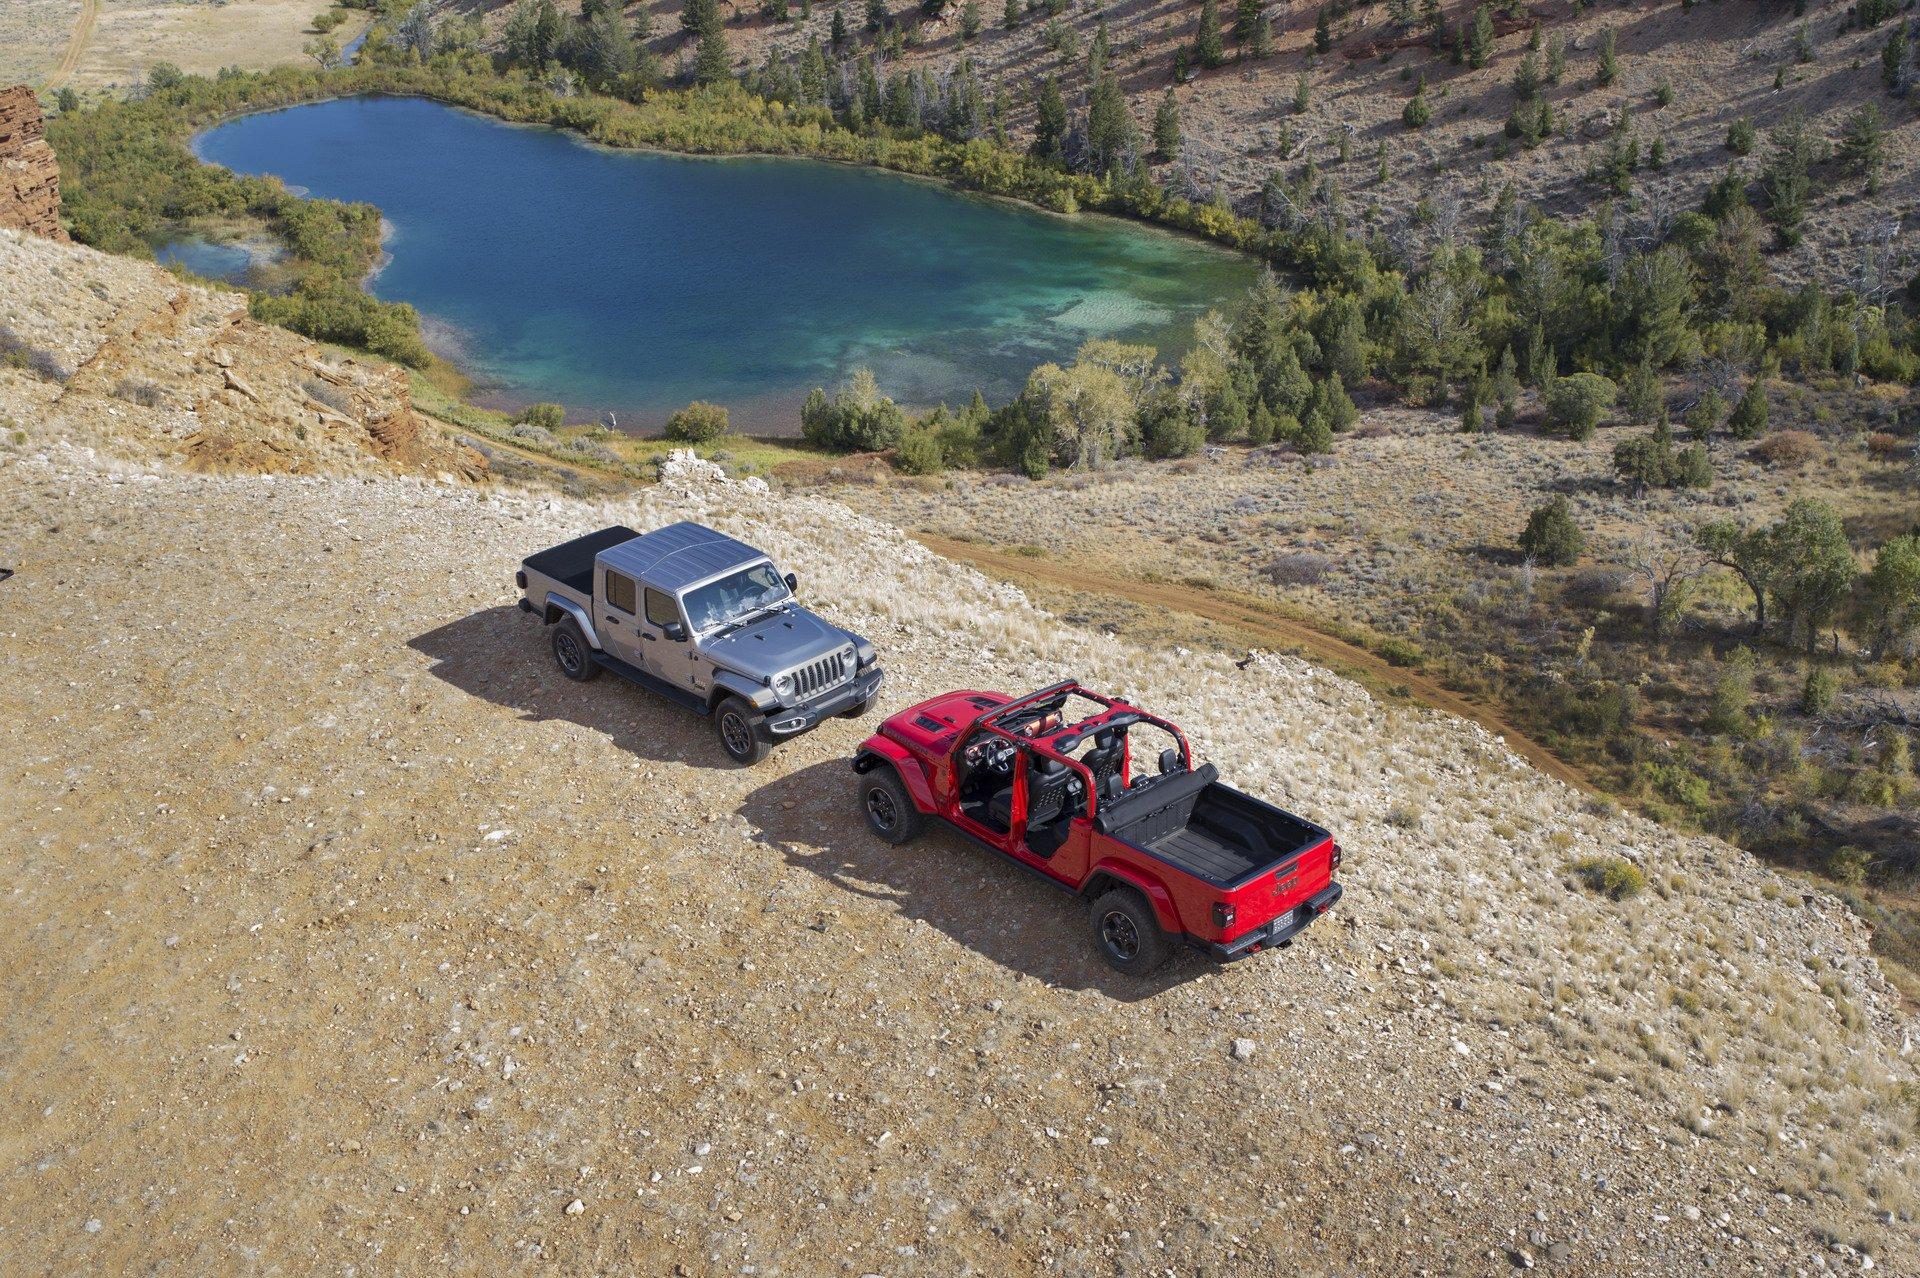 Jeep Gladiator 2019 (178)